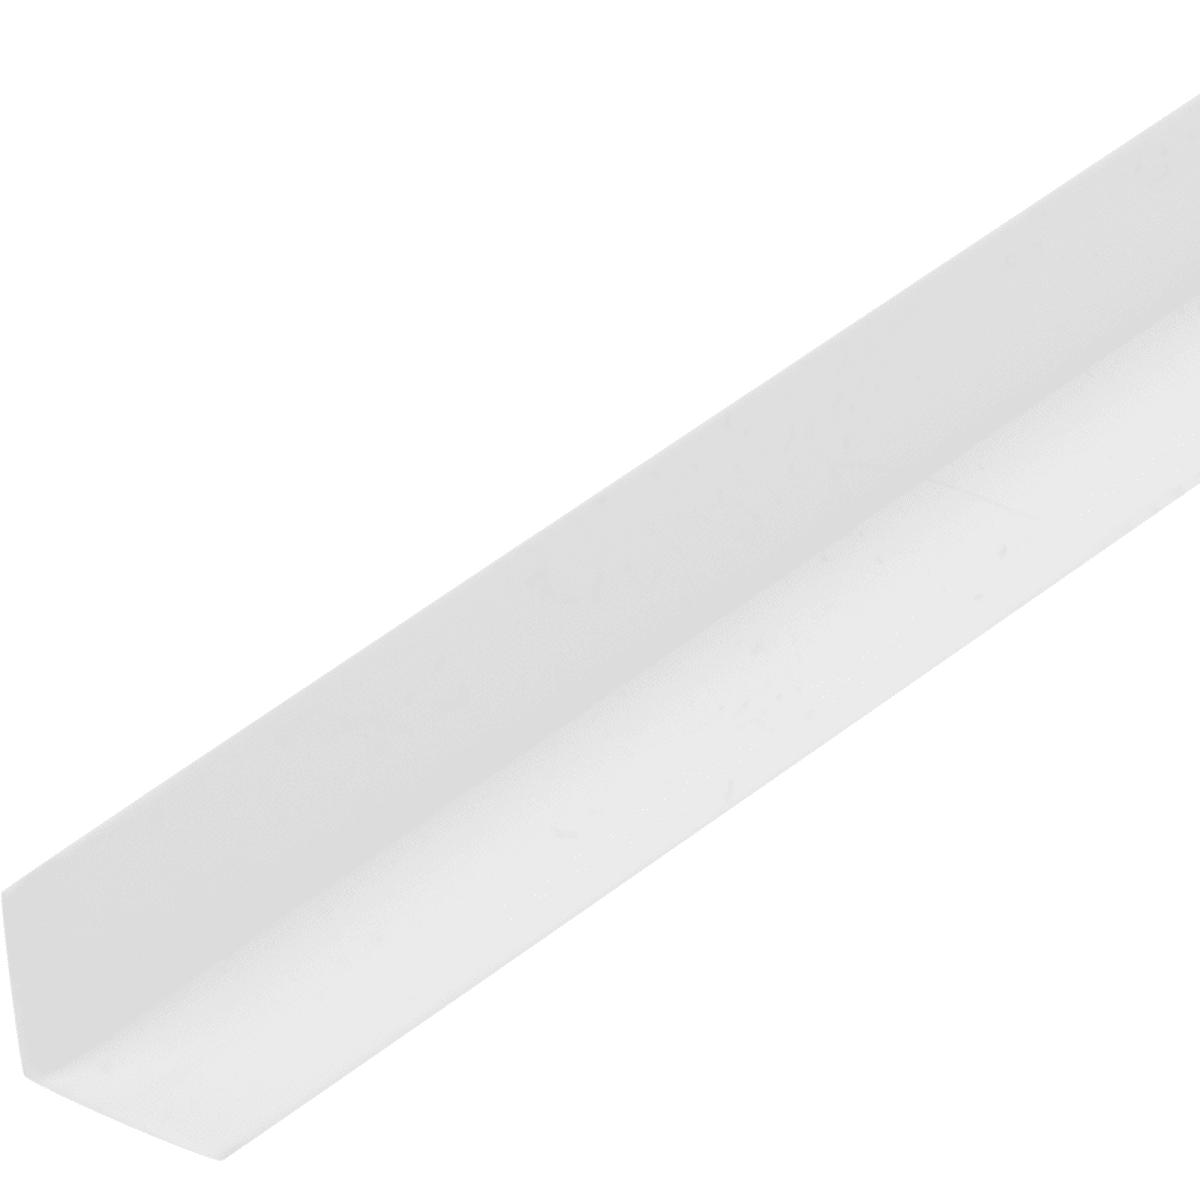 Уголок ПВХ 10x10x1x1000 мм, цвет белый